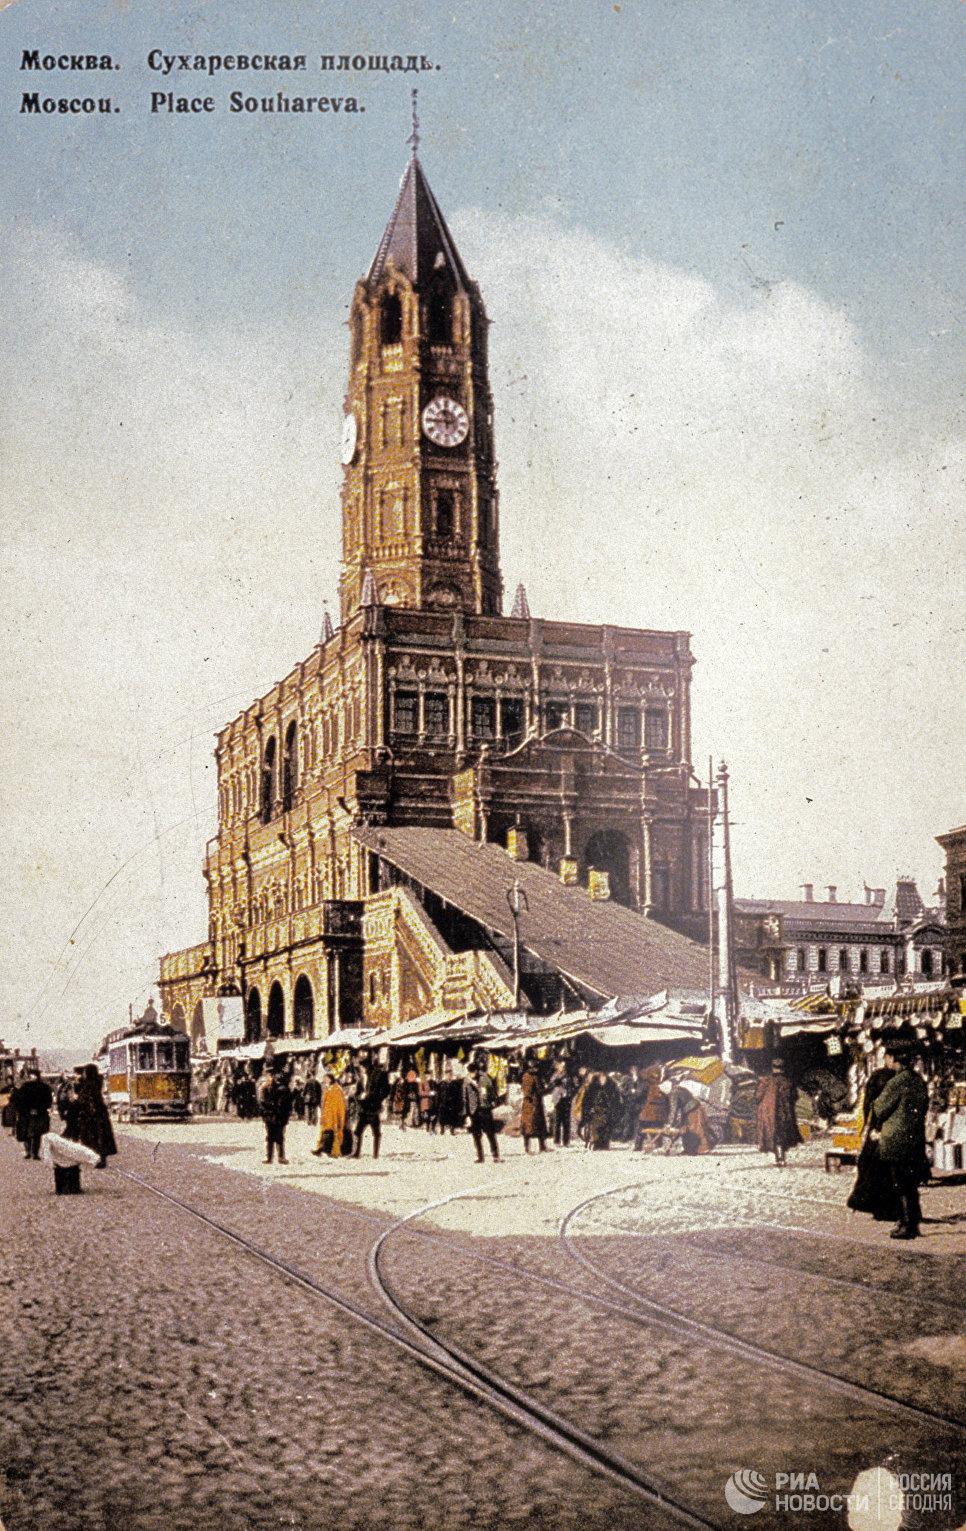 Сухаревская площадь. Здание Сухаревой башни. Репродукция почтовой открытки начала 20 века